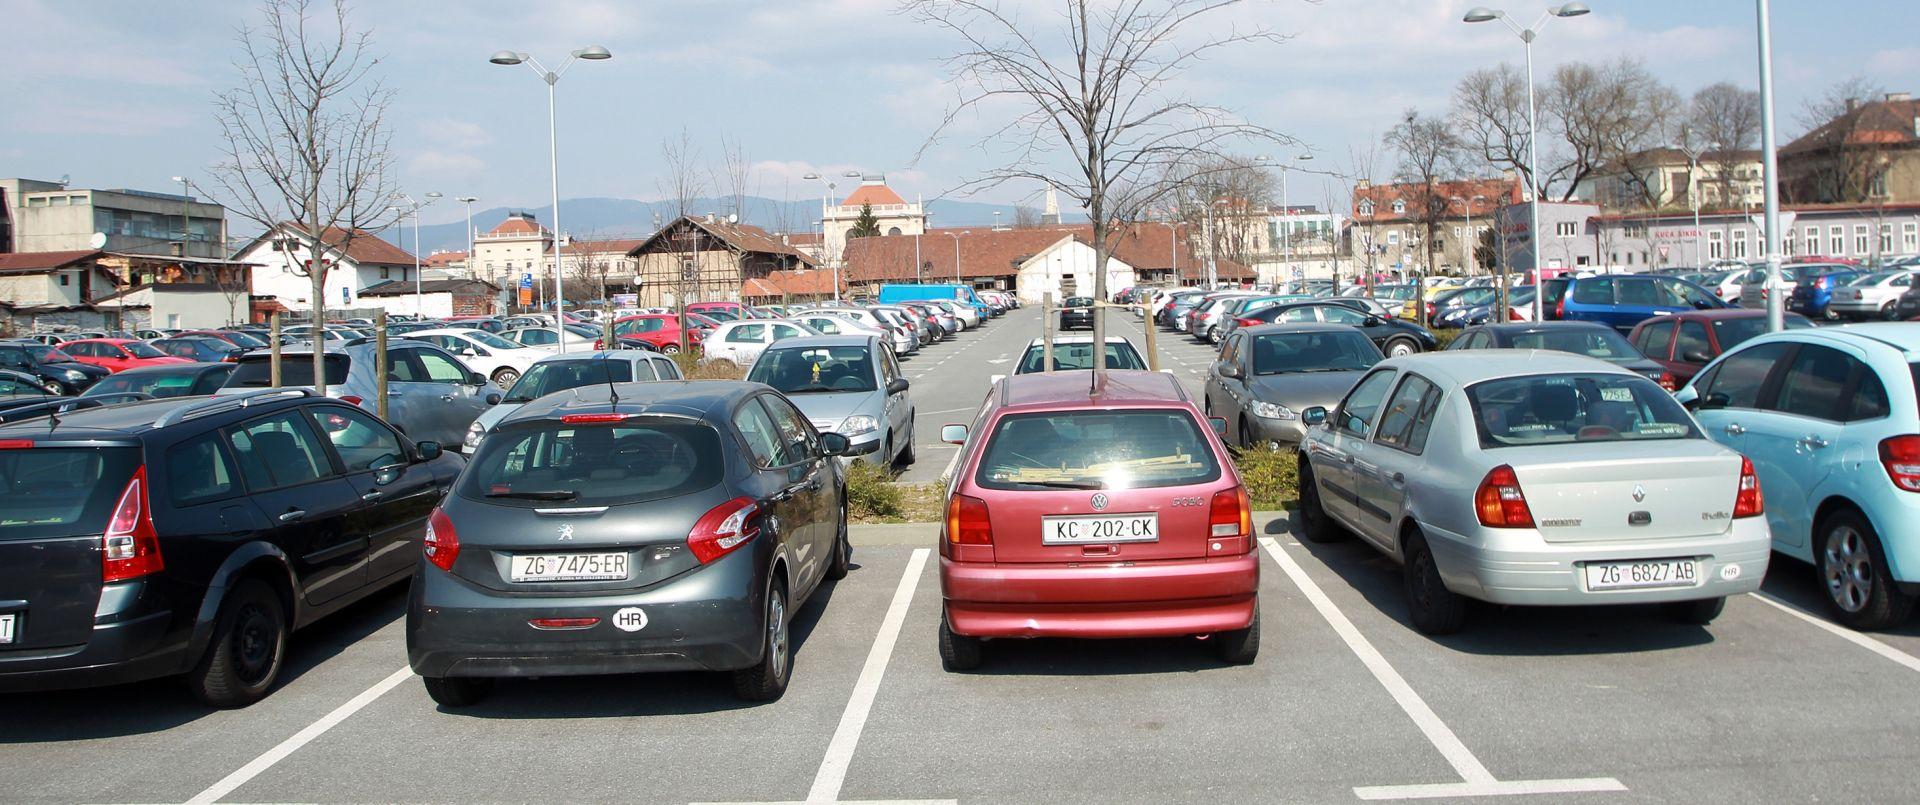 REŽIM PARKIRANJA POVODOM MIMOHODA: Zagrebparking izdao upute za vozače